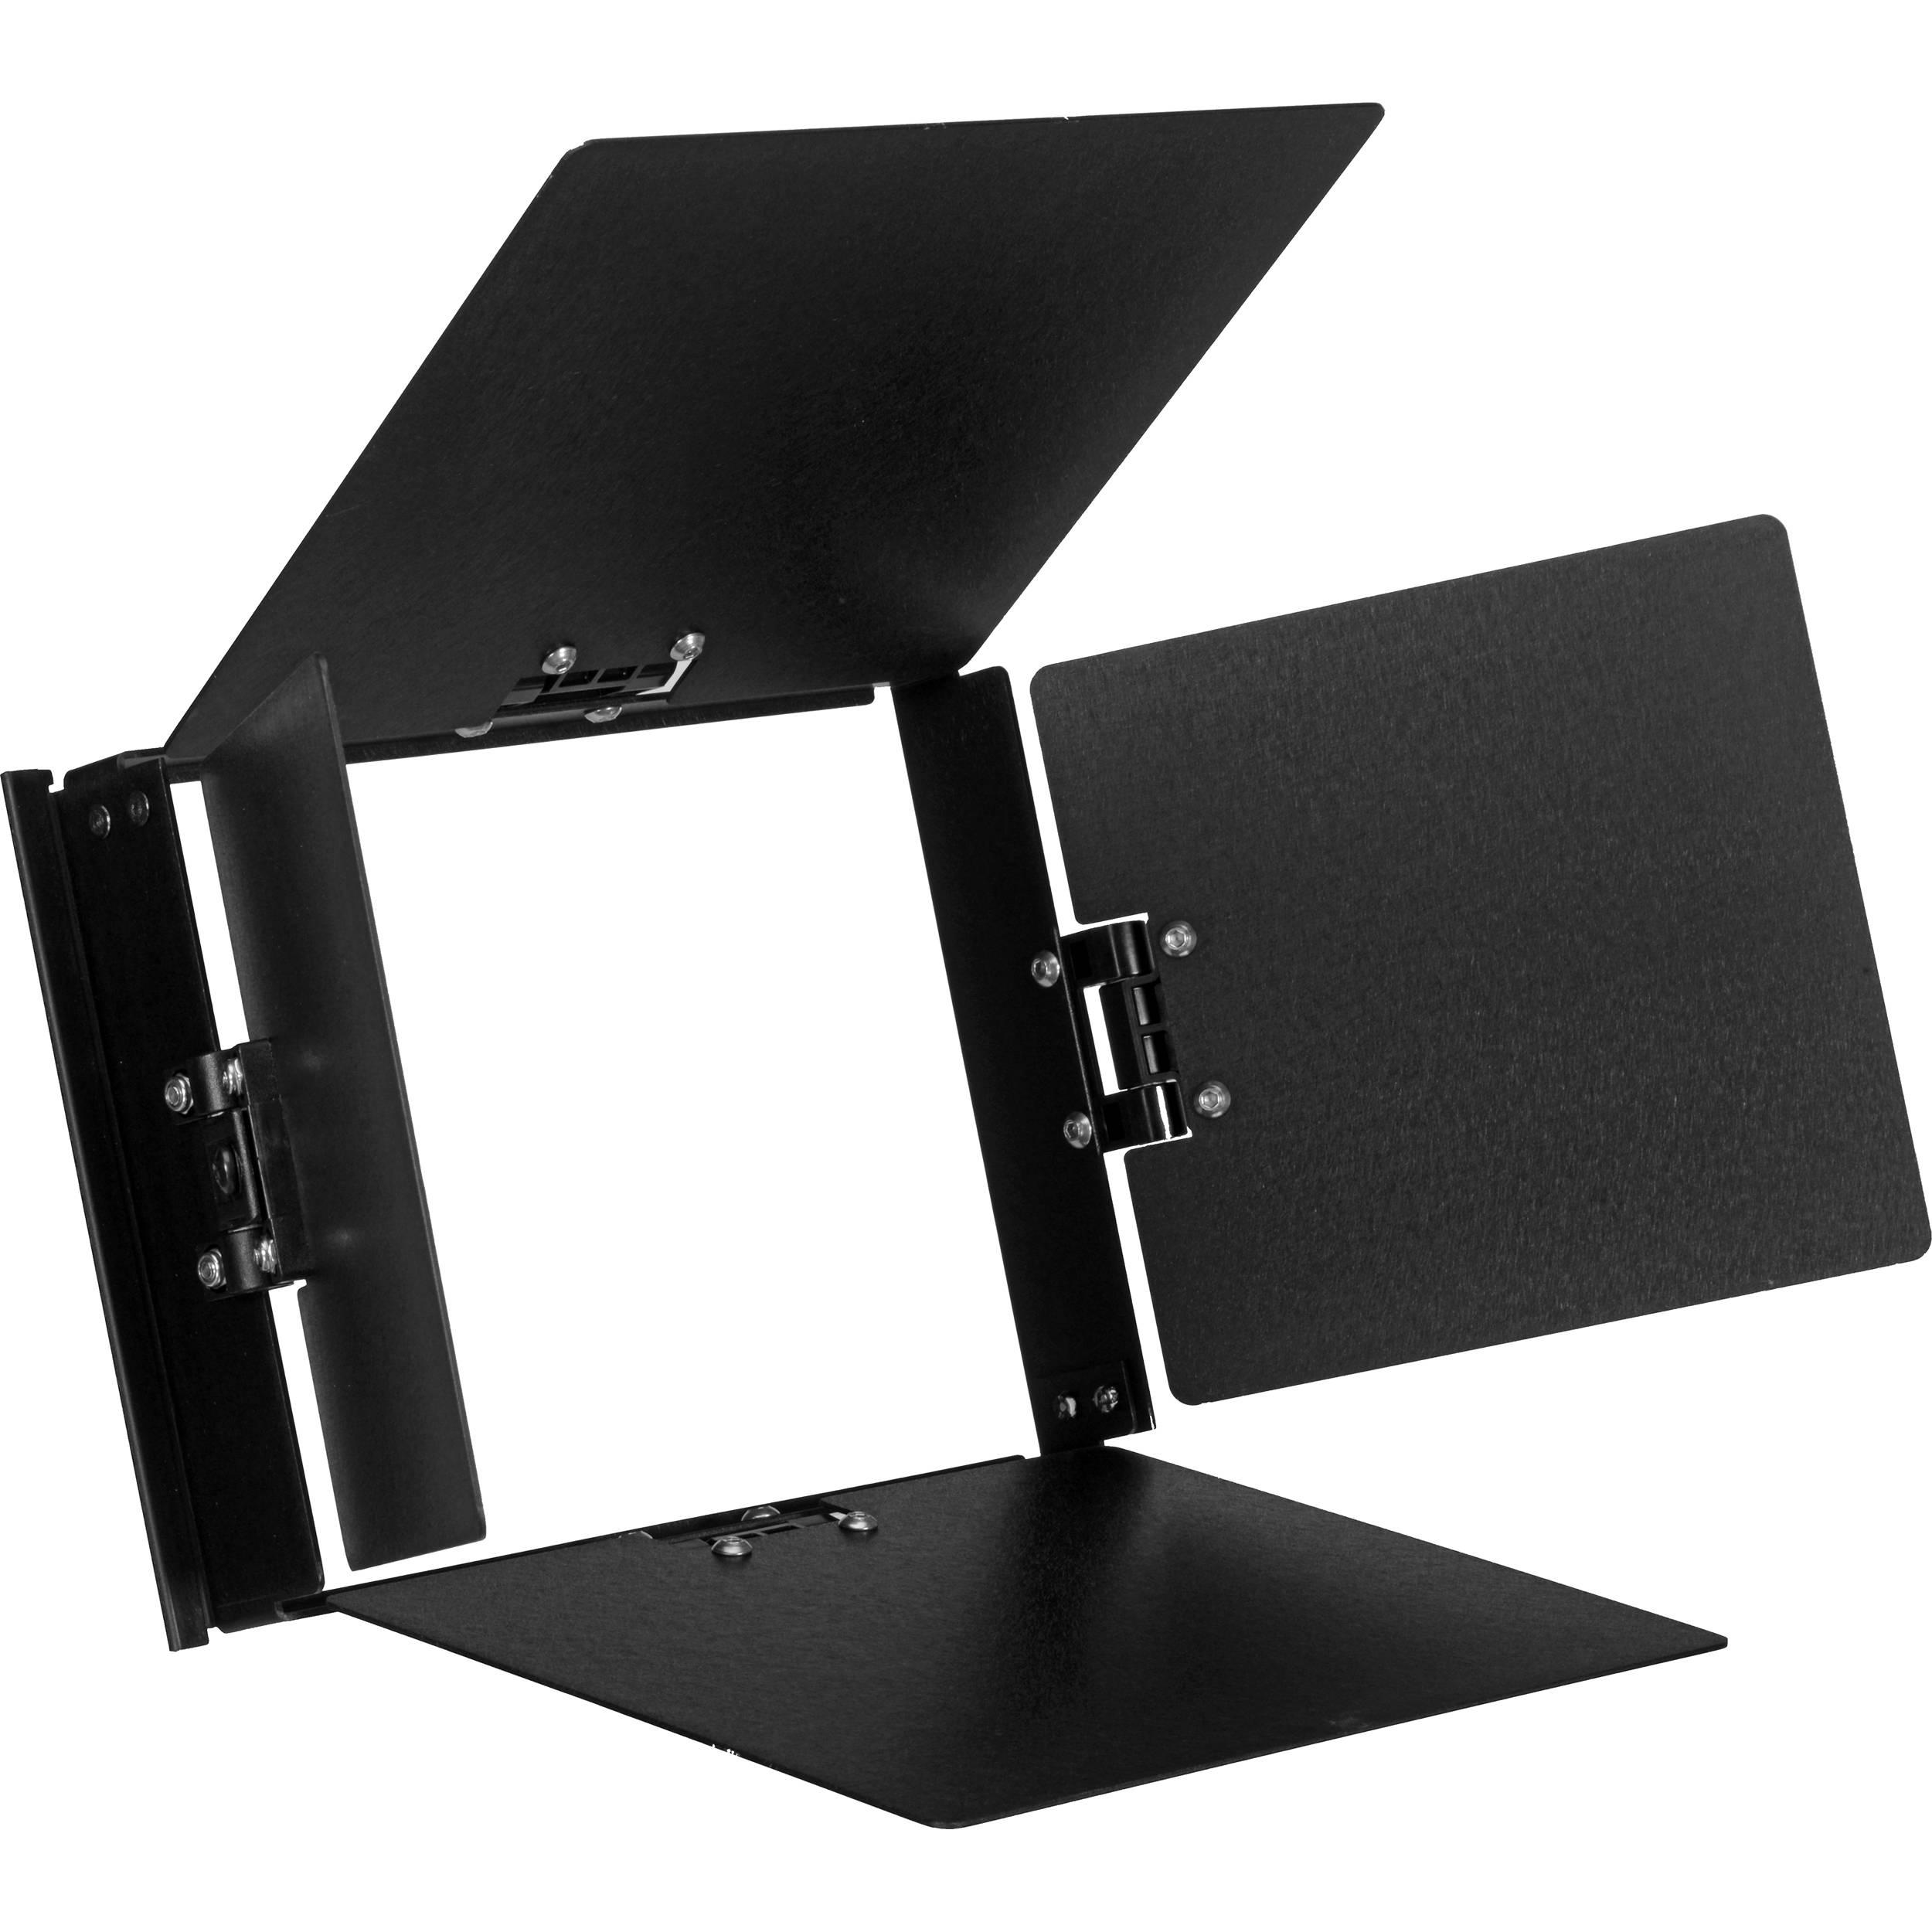 Cineo Lighting 4 Leaf Barndoors For Maverick Led Light 9000089